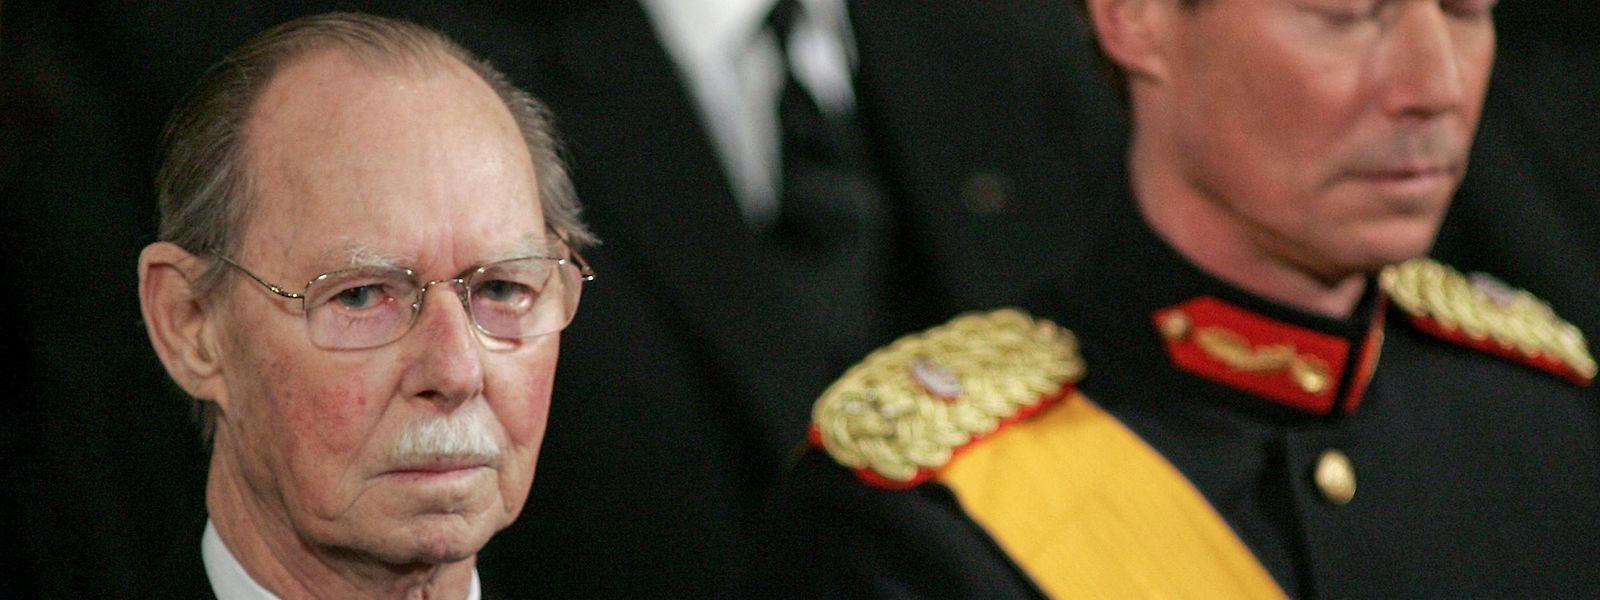 Le deuil national décrété par le gouvernement, pour marquer le décès du grand-duc Jean, prendra fin le samedi 4 mai à 18 heures.